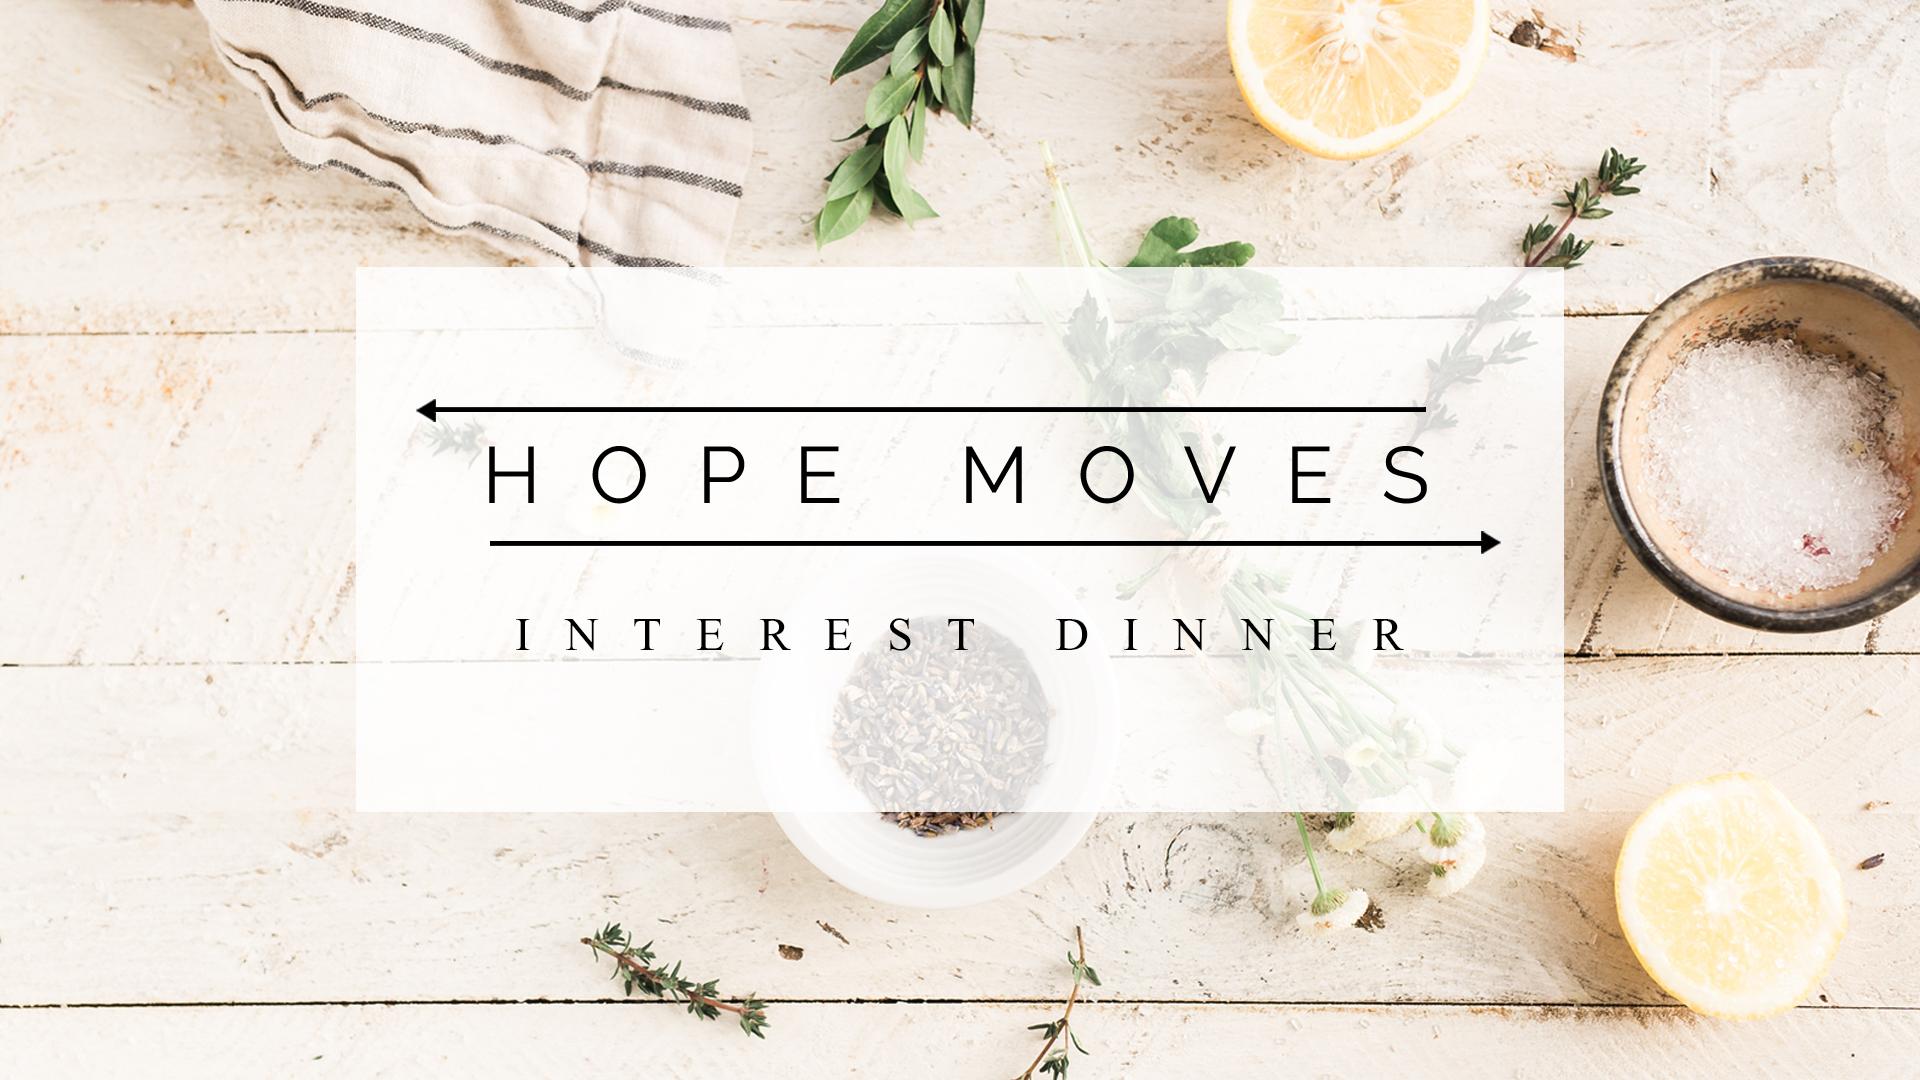 hopemoves_interestdinner_nodeets.jpg